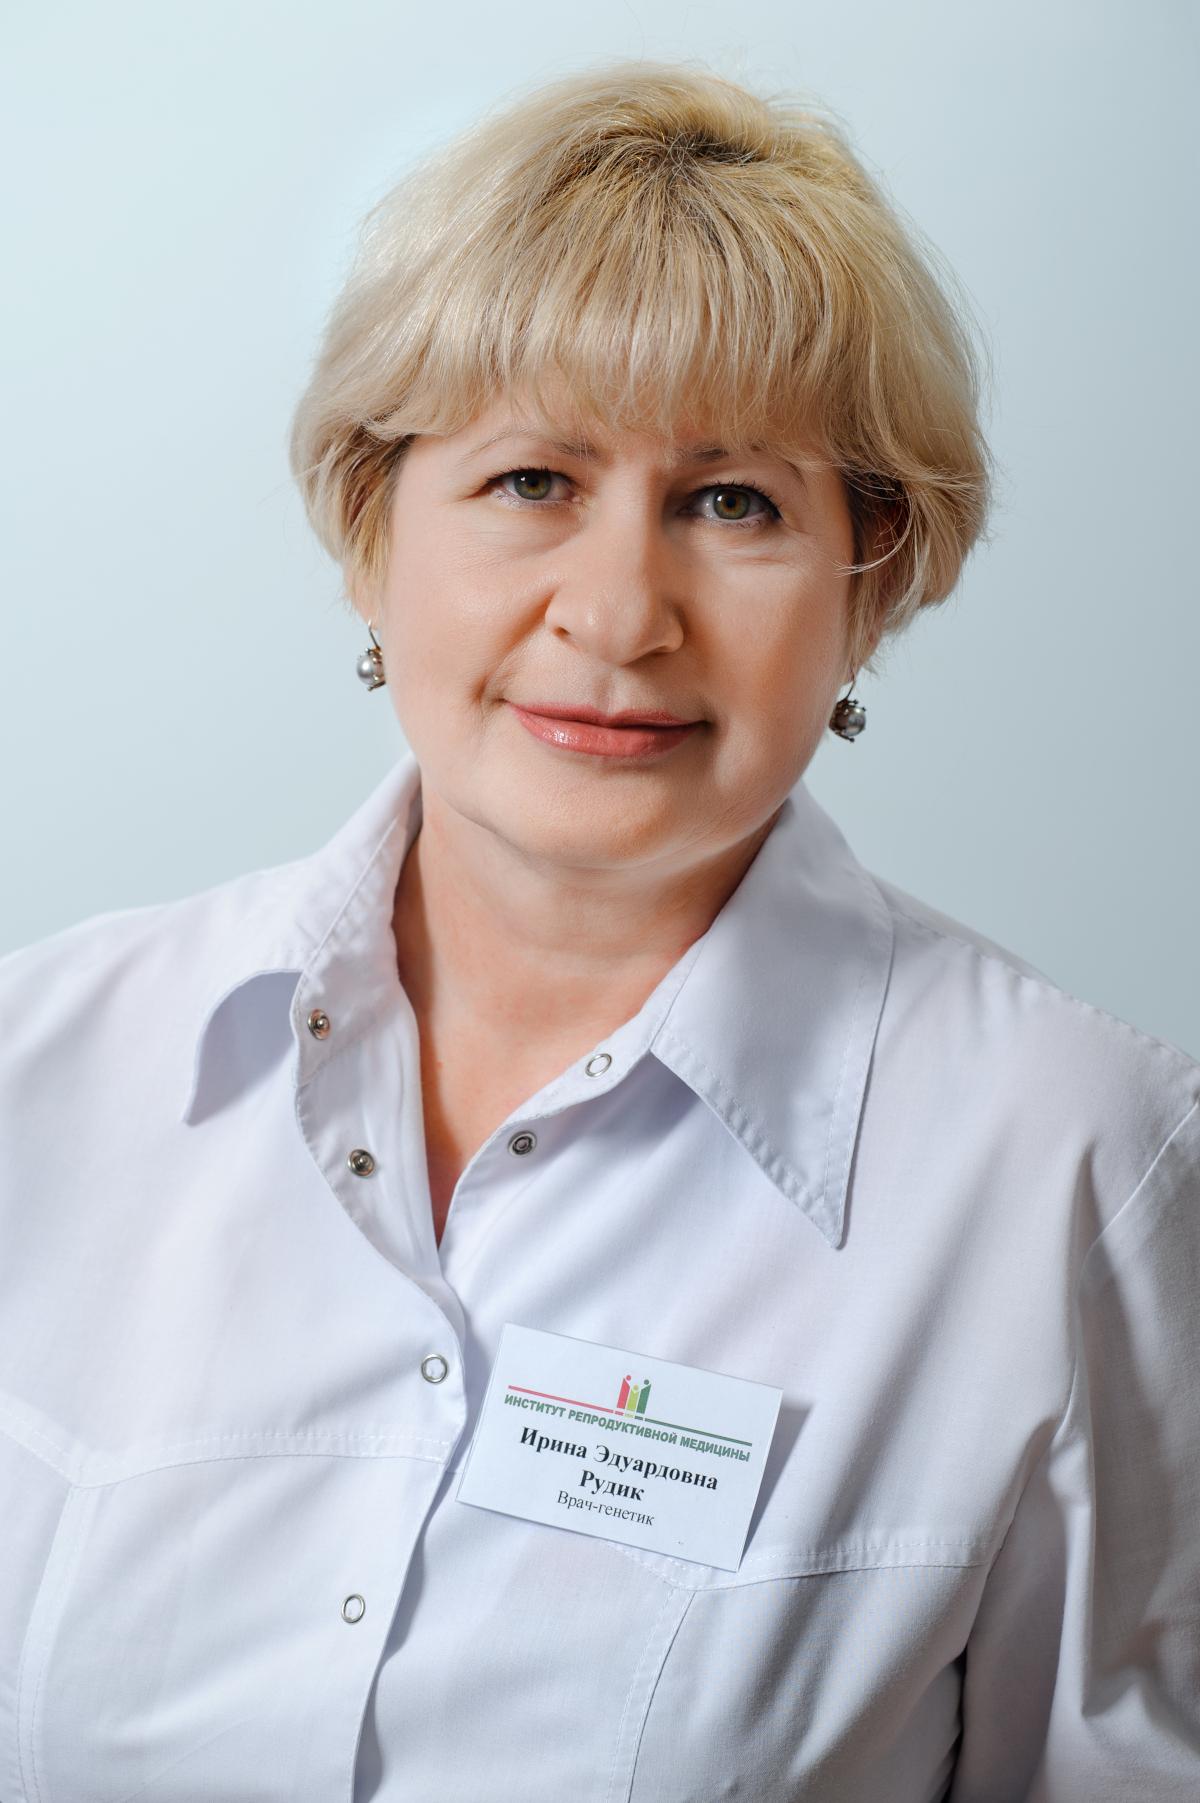 Рудик Ирина Эдуардовна фото